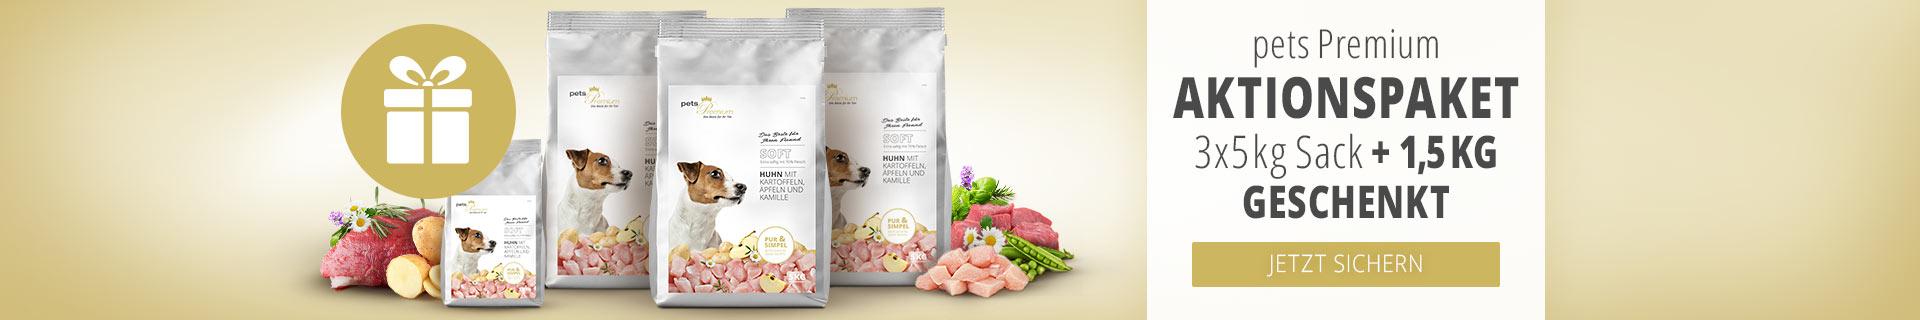 pets Premium 1,5kg Softfutter geschenkt